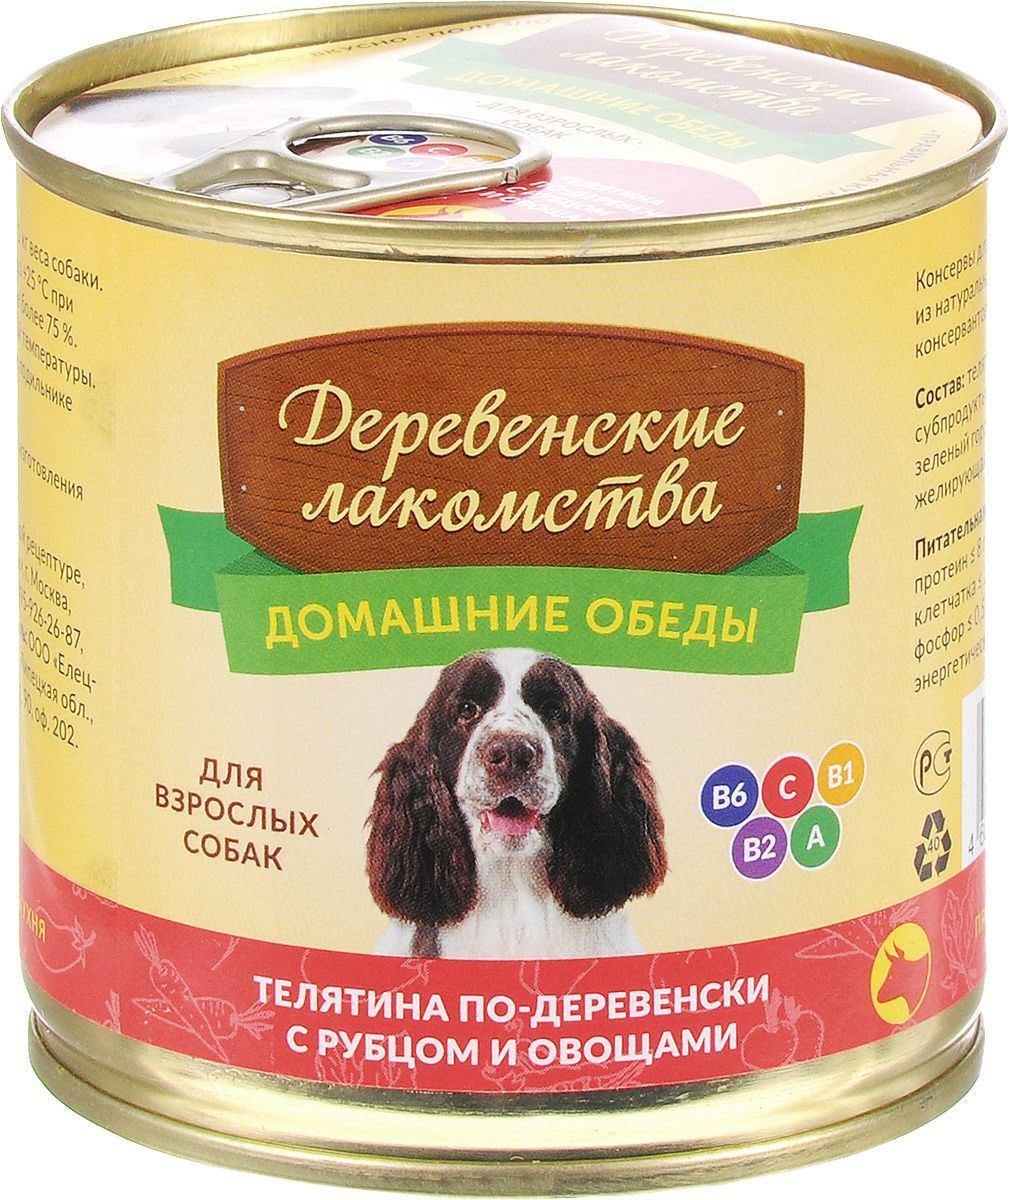 Деревенские лакомства влажный корм для взрослых собак, телятина по-деревенски с рубцом и овощами 240 гр